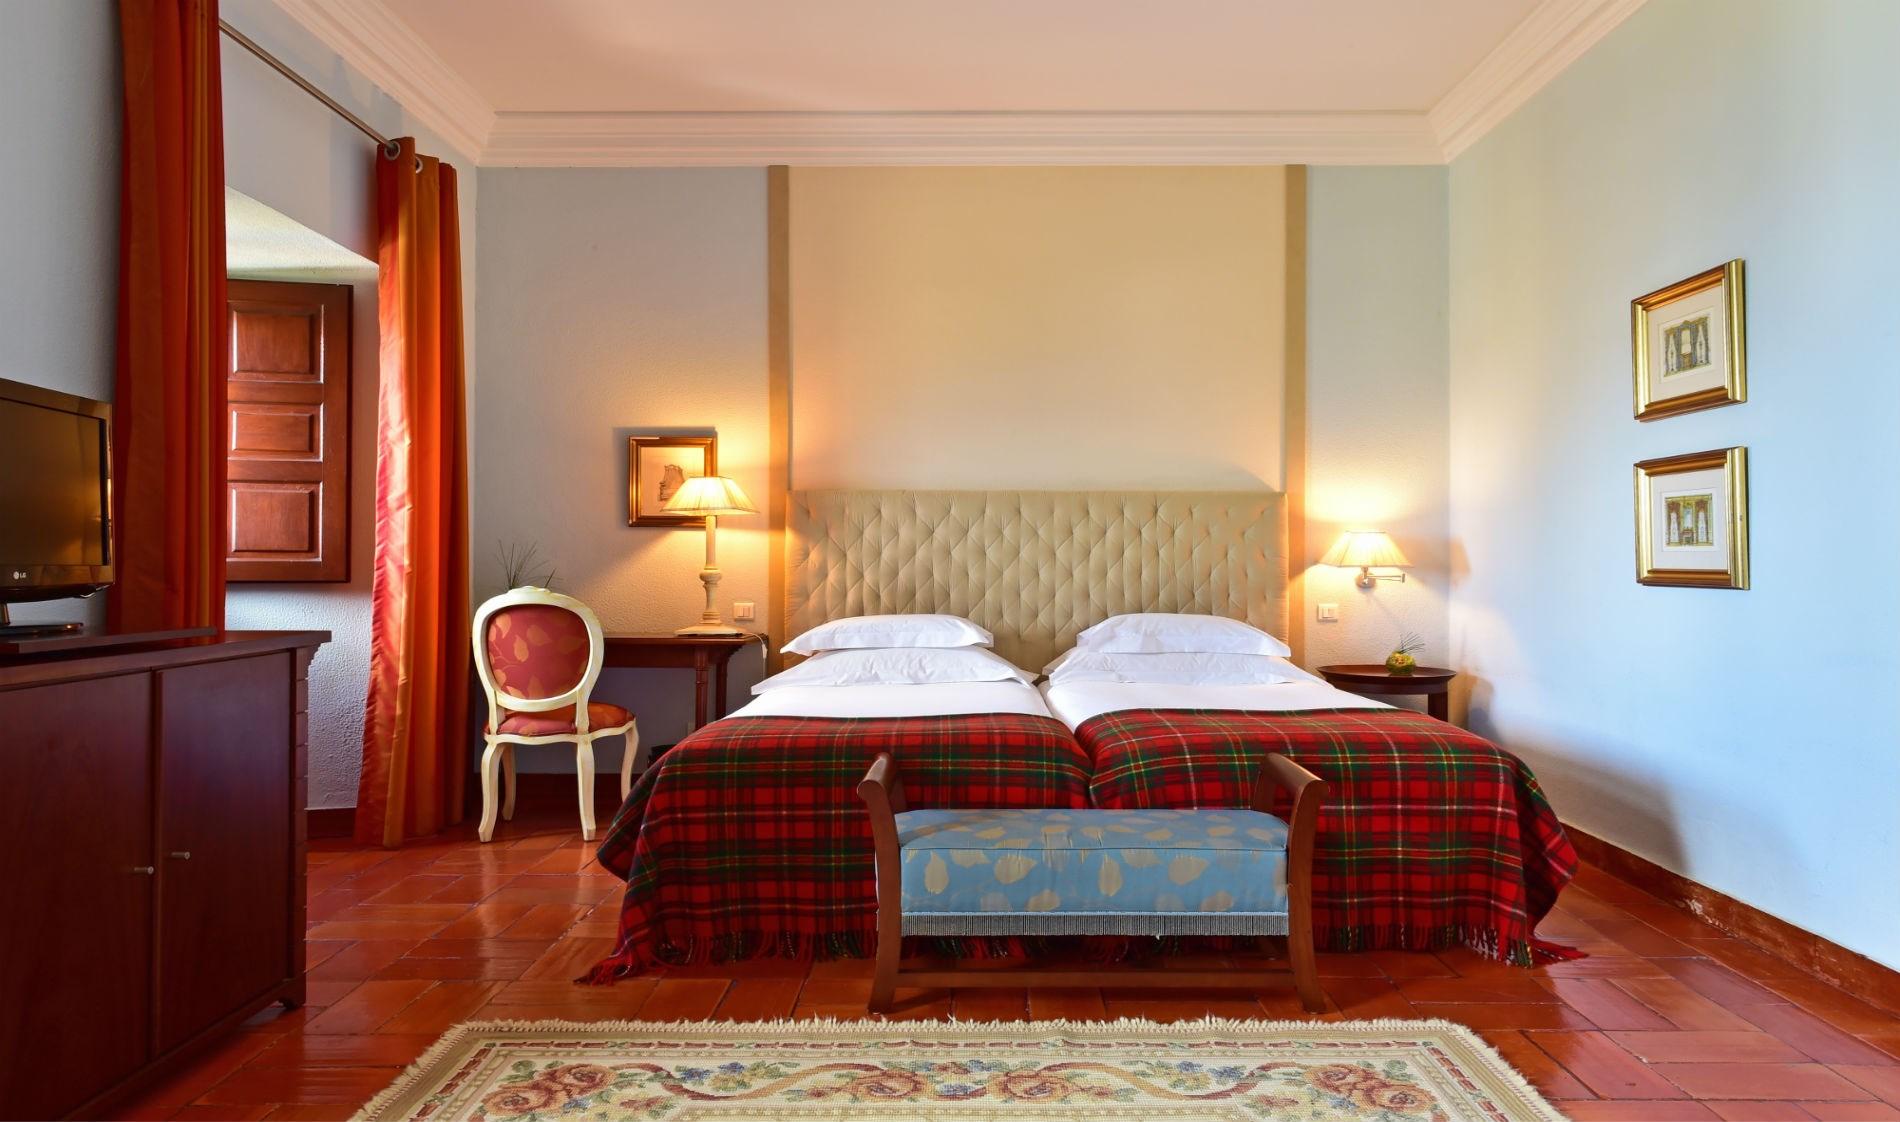 pousada-palmela-classic-room